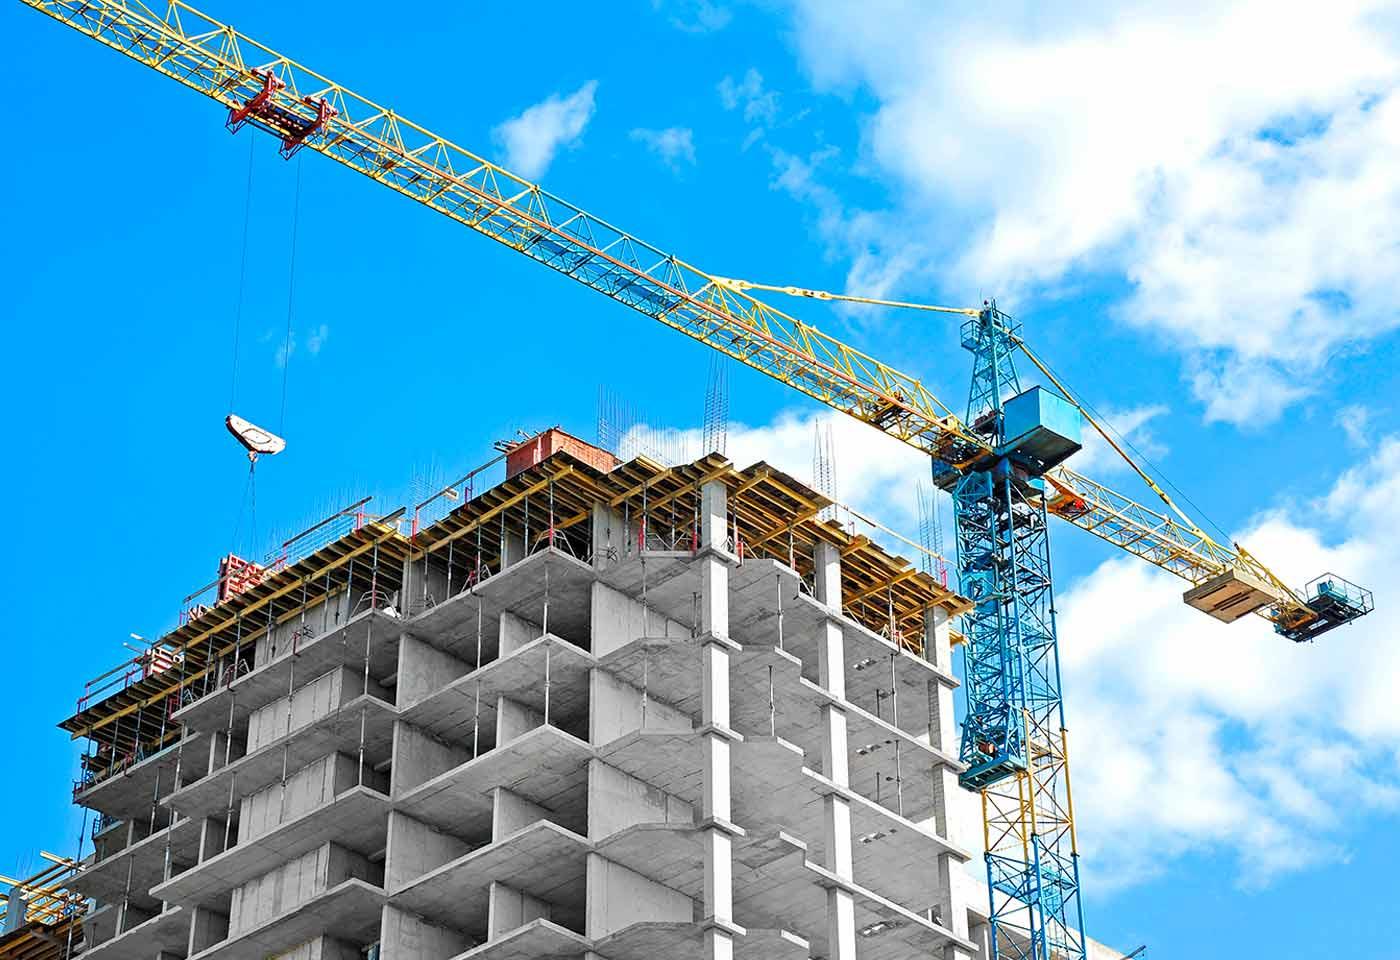 Mitä perustajaurakointia tekevän rakennusliikkeen pitää jatkossa huomioida tilinpäätöksessä?